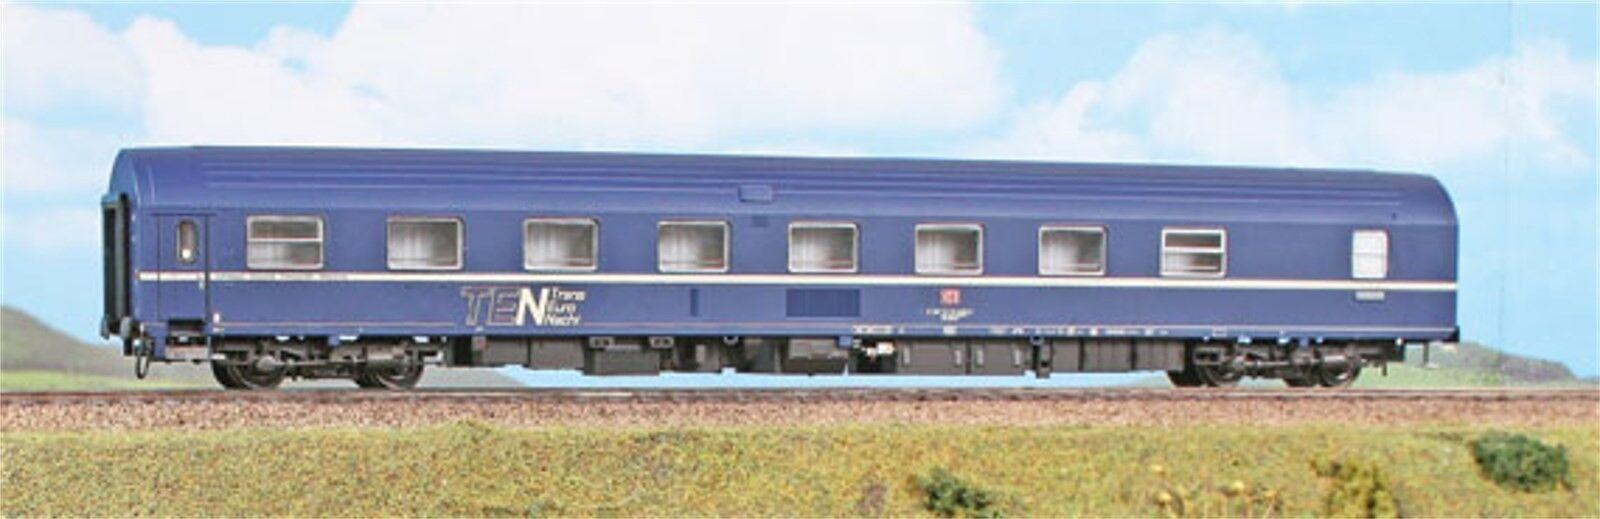 ACME 50914 + + vagone letto, Ten, traccia h0